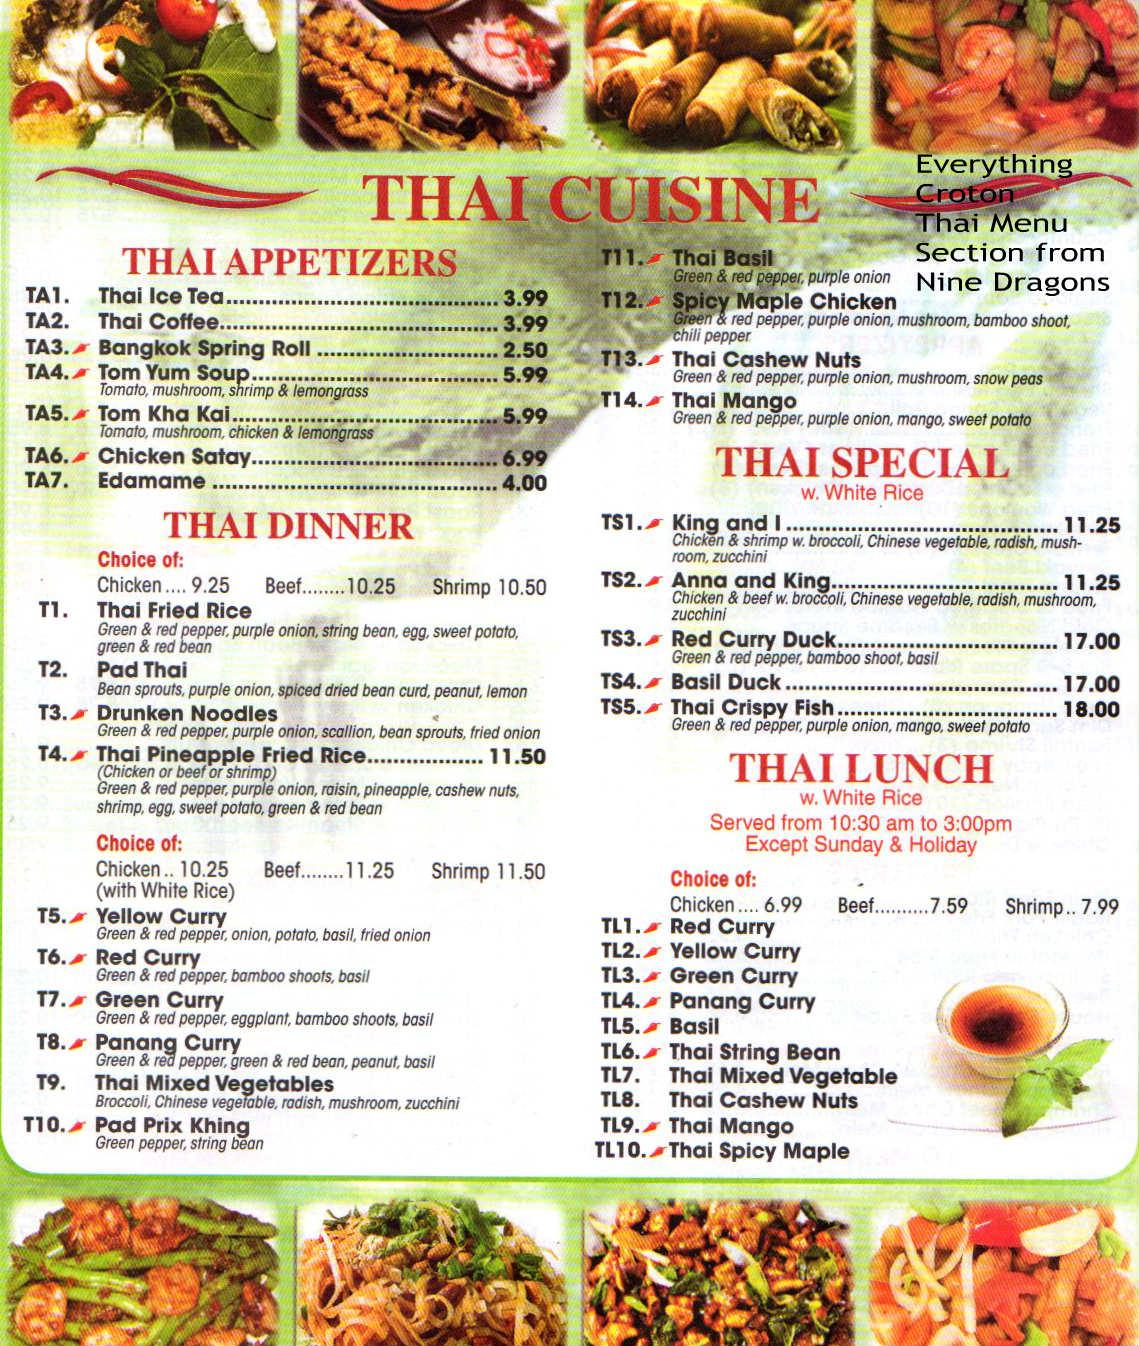 Croton Chinese Food